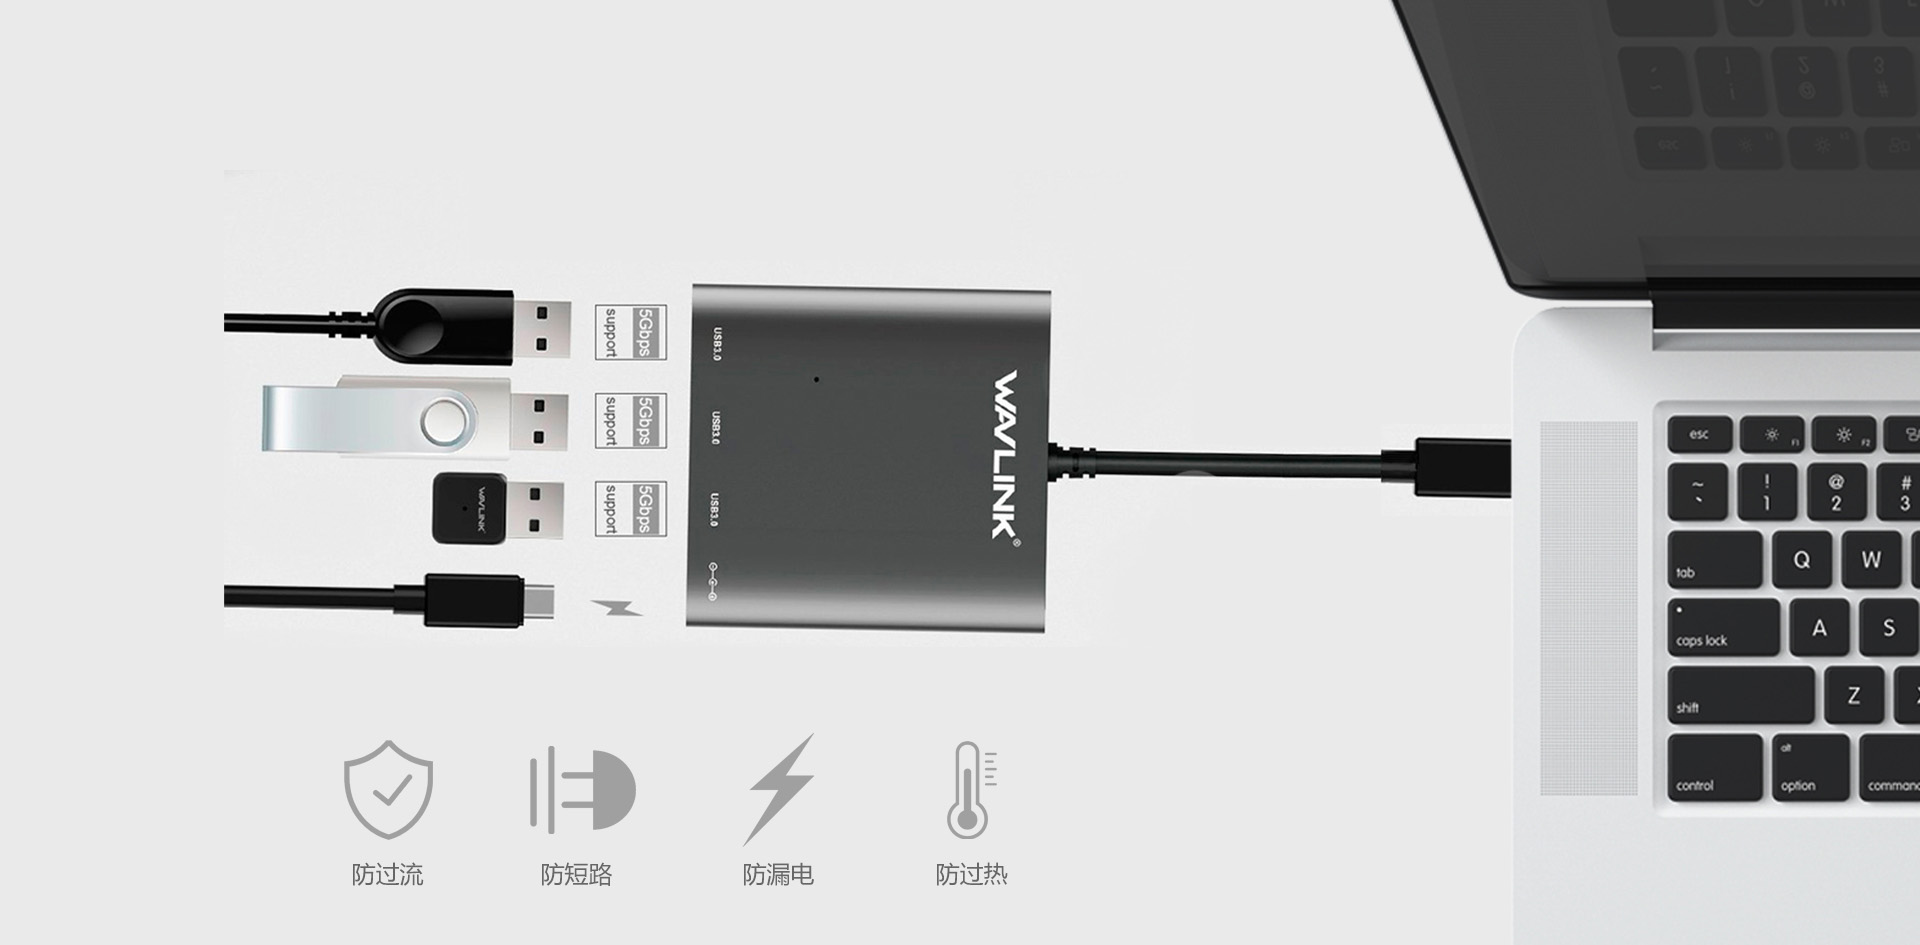 UHP34502 type-c转USB3.0接口扩展集线器